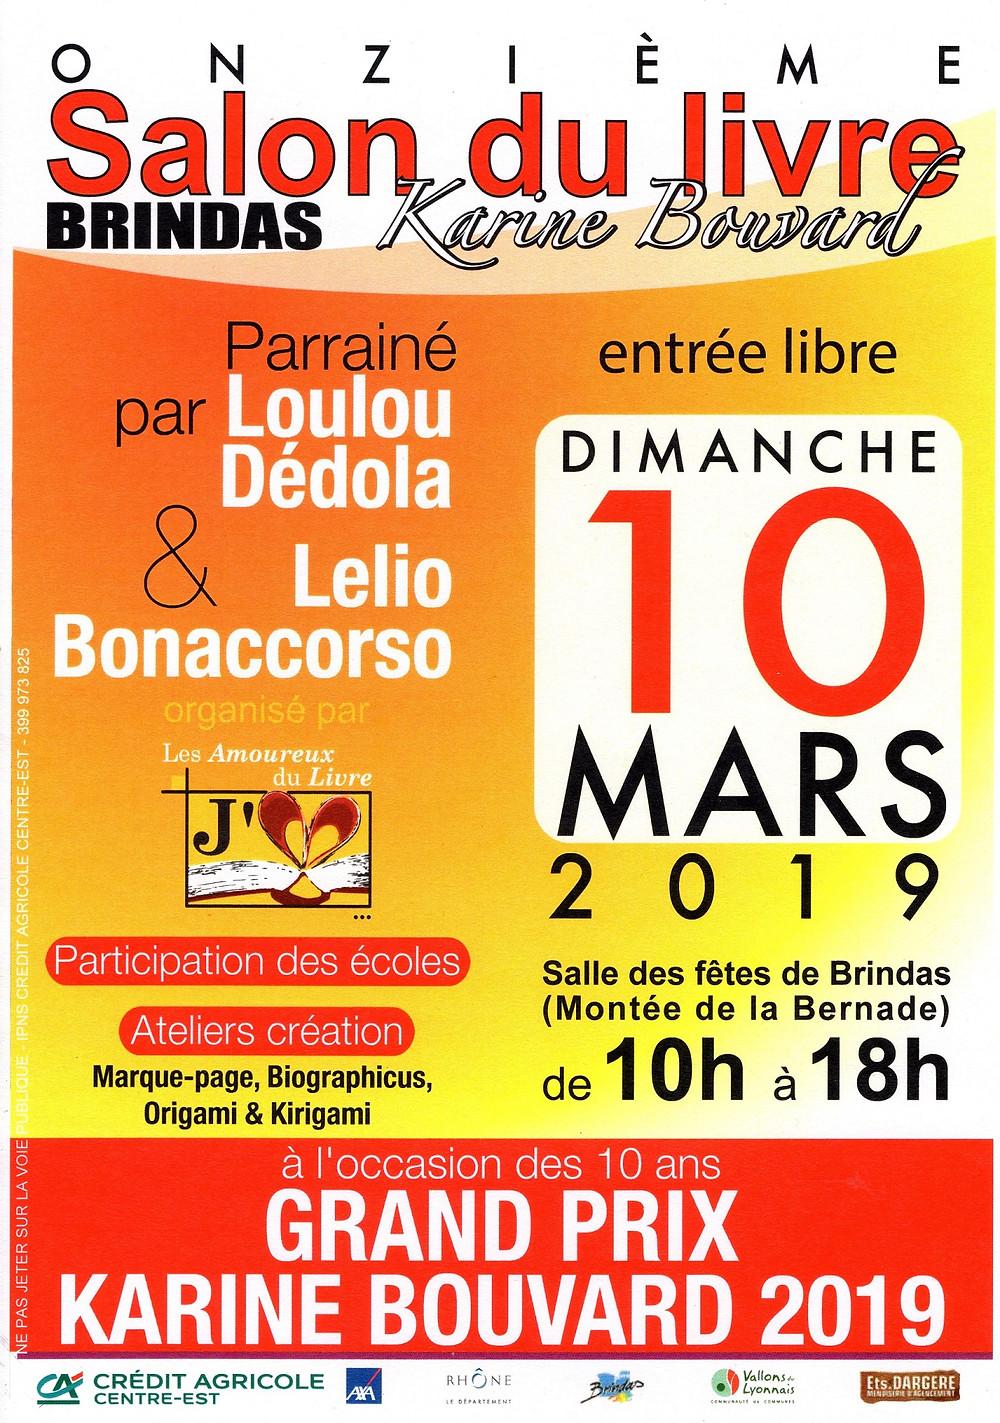 Salon du livre de Brindas - dimanche 10 mars 2019